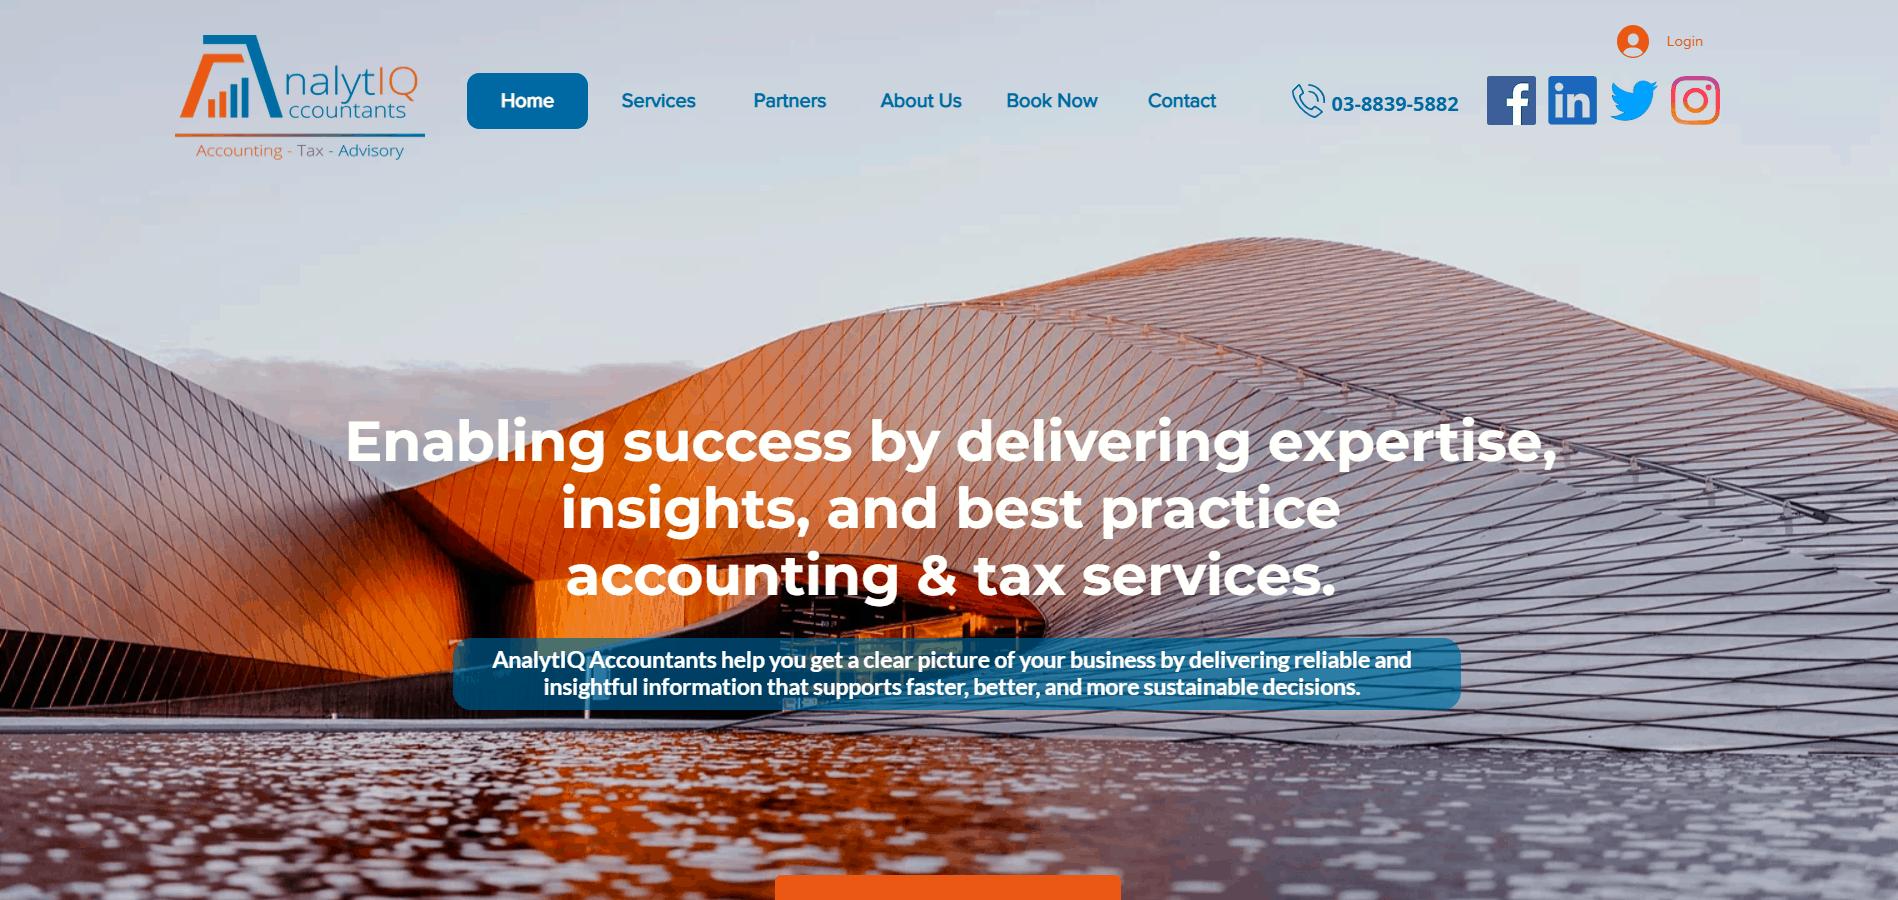 Analytiq Accountants